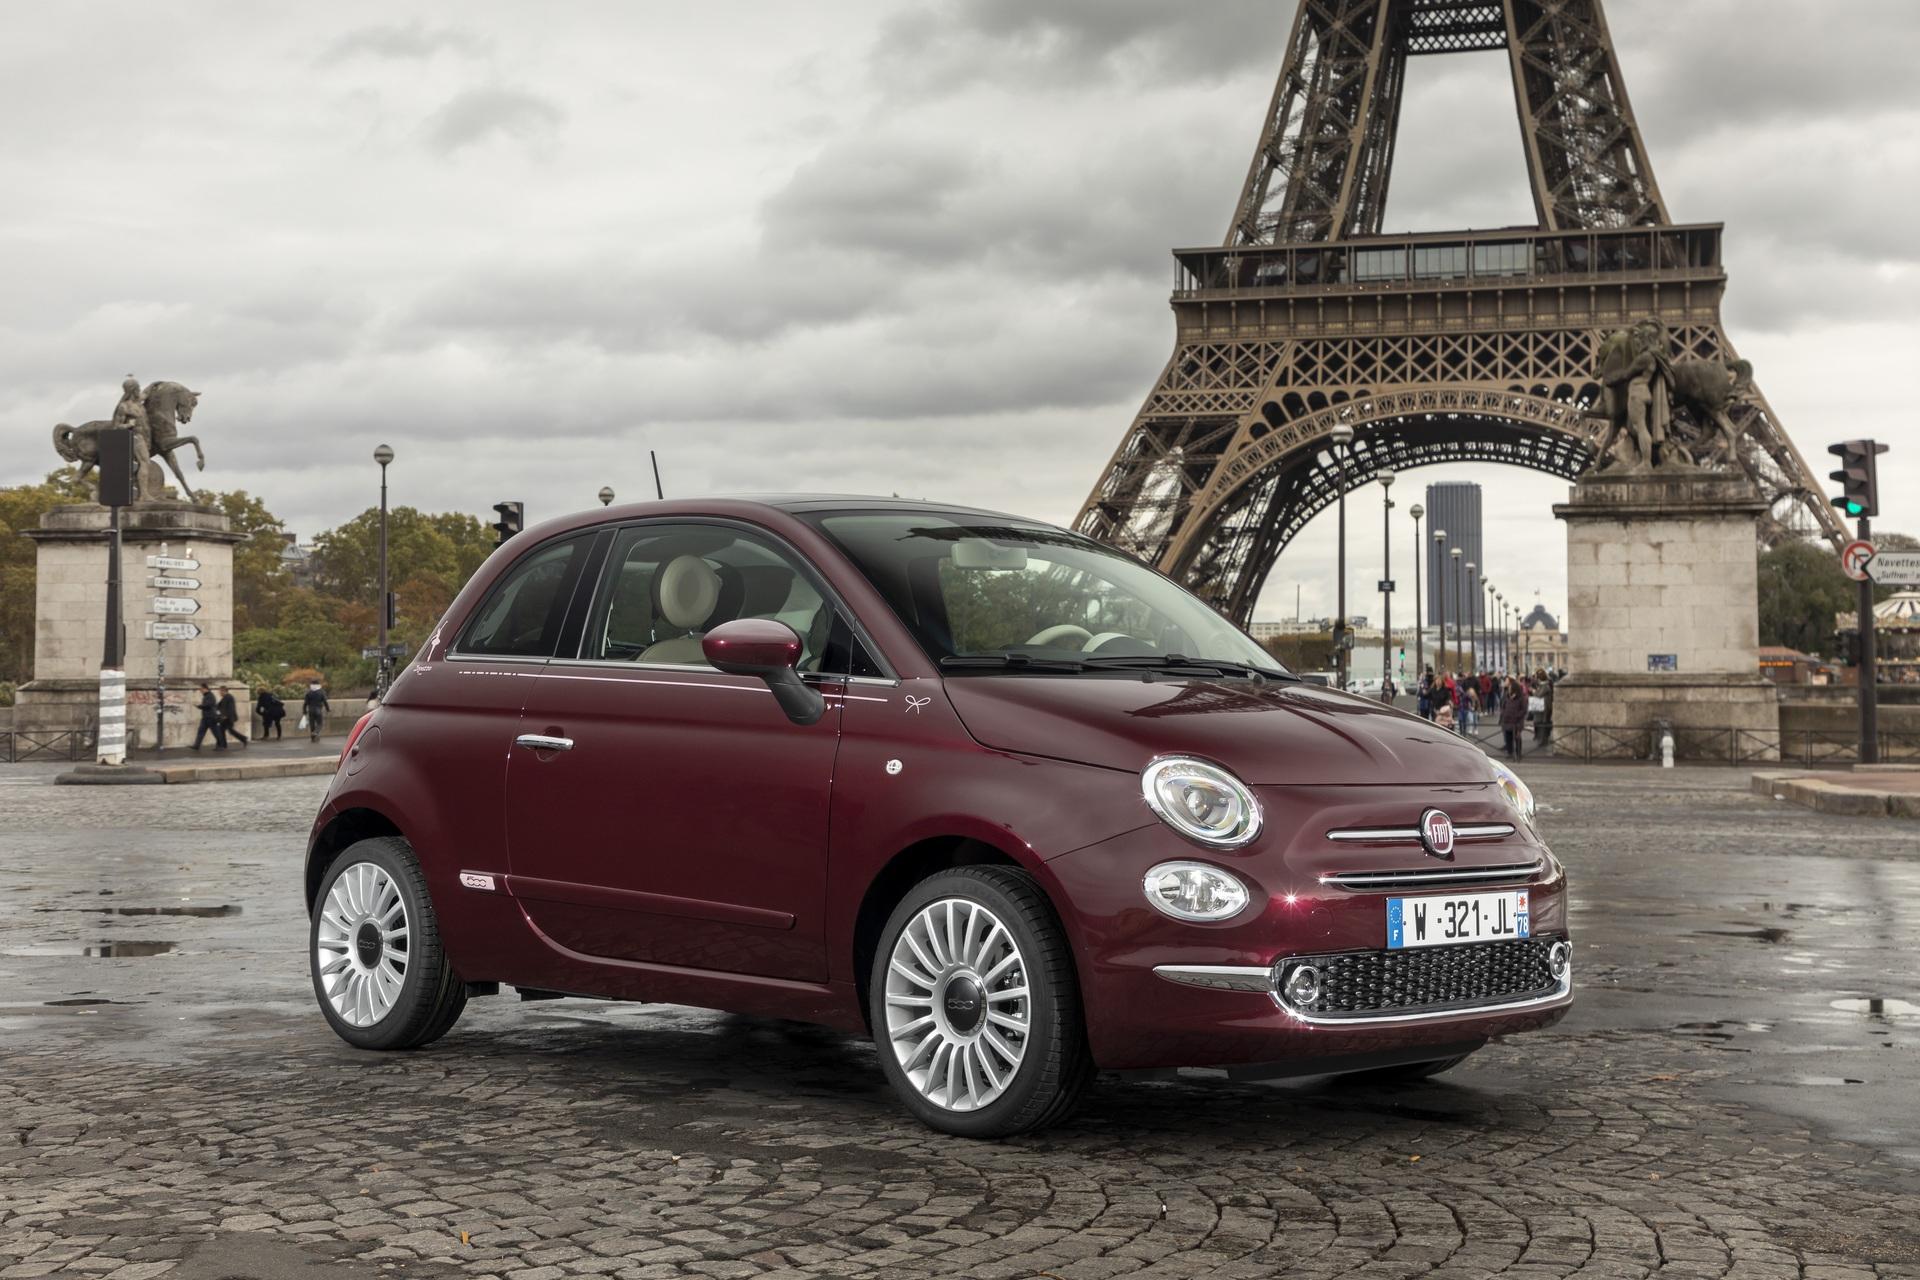 Fiat_500_Repetto_0011